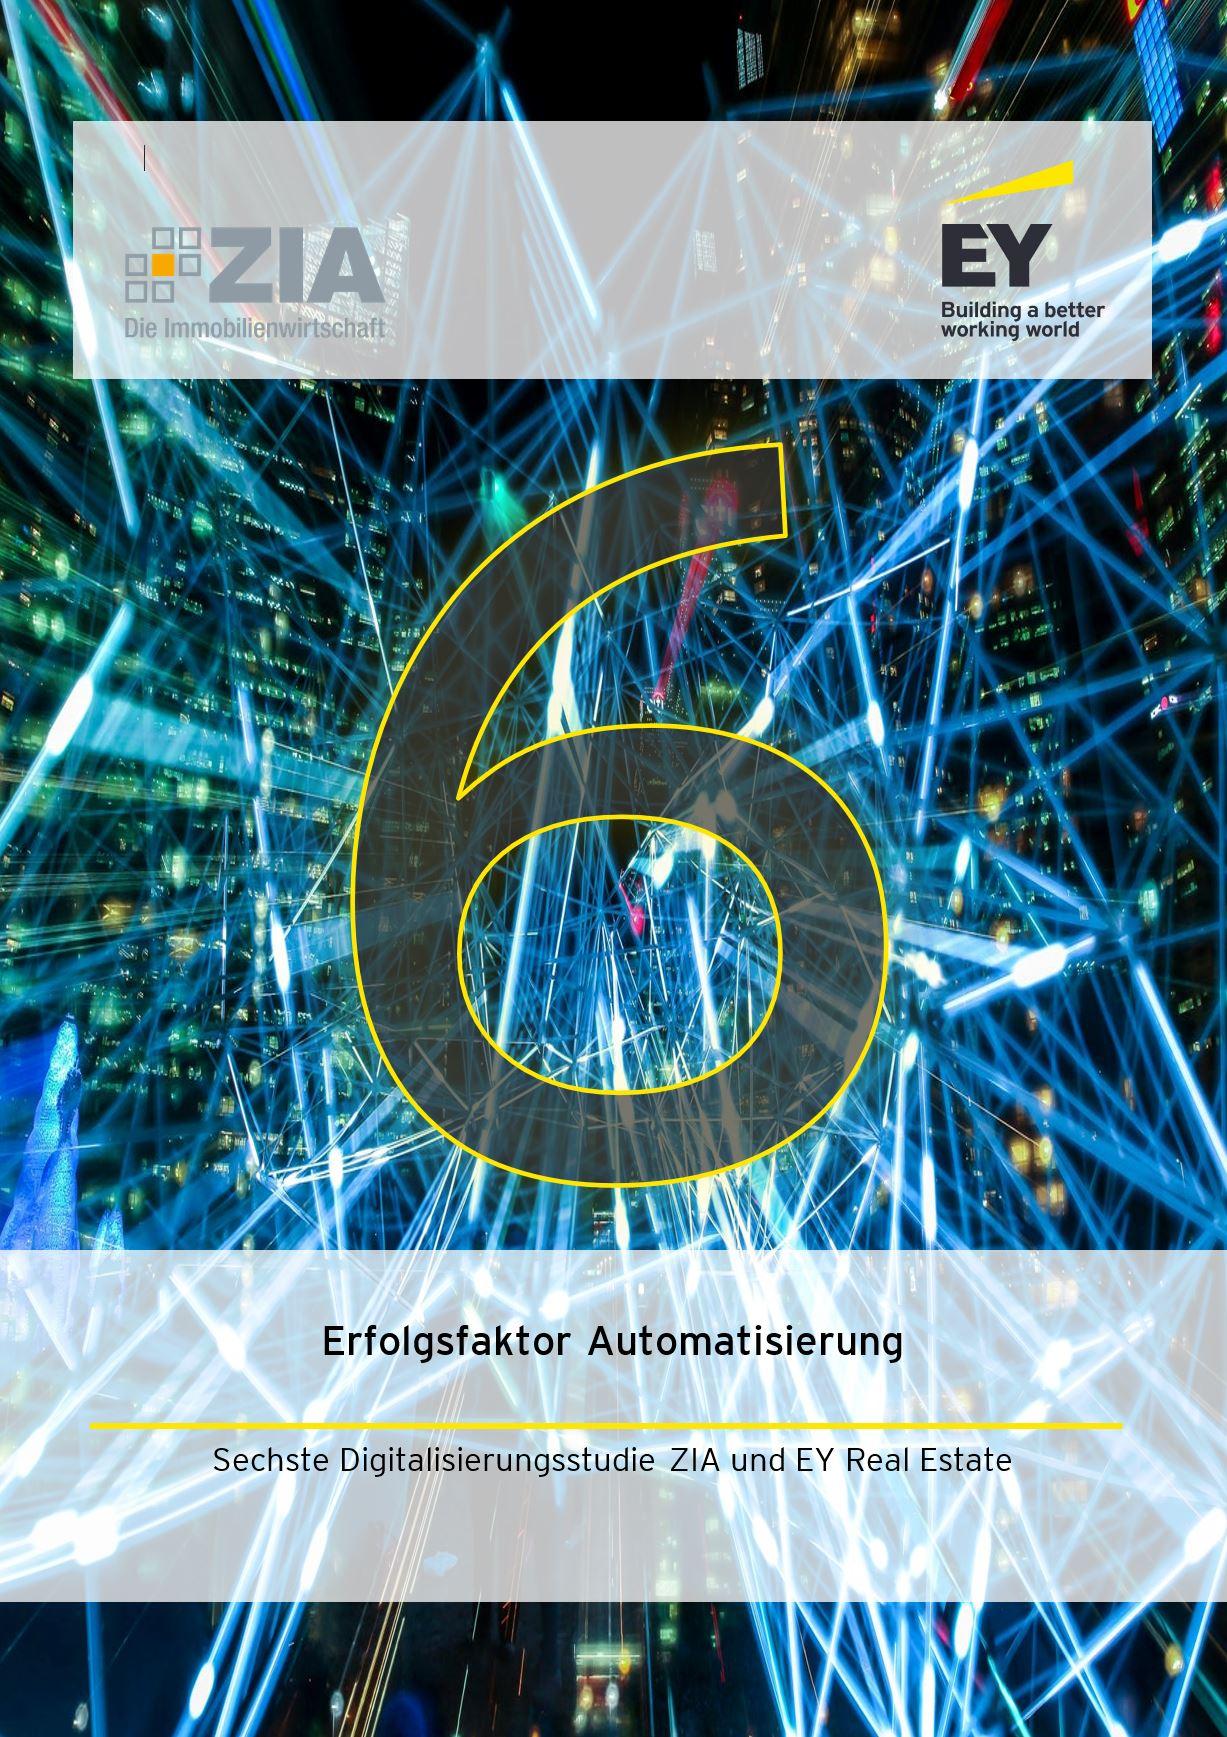 Digitalisierungsstudie ZIA und Real Estate